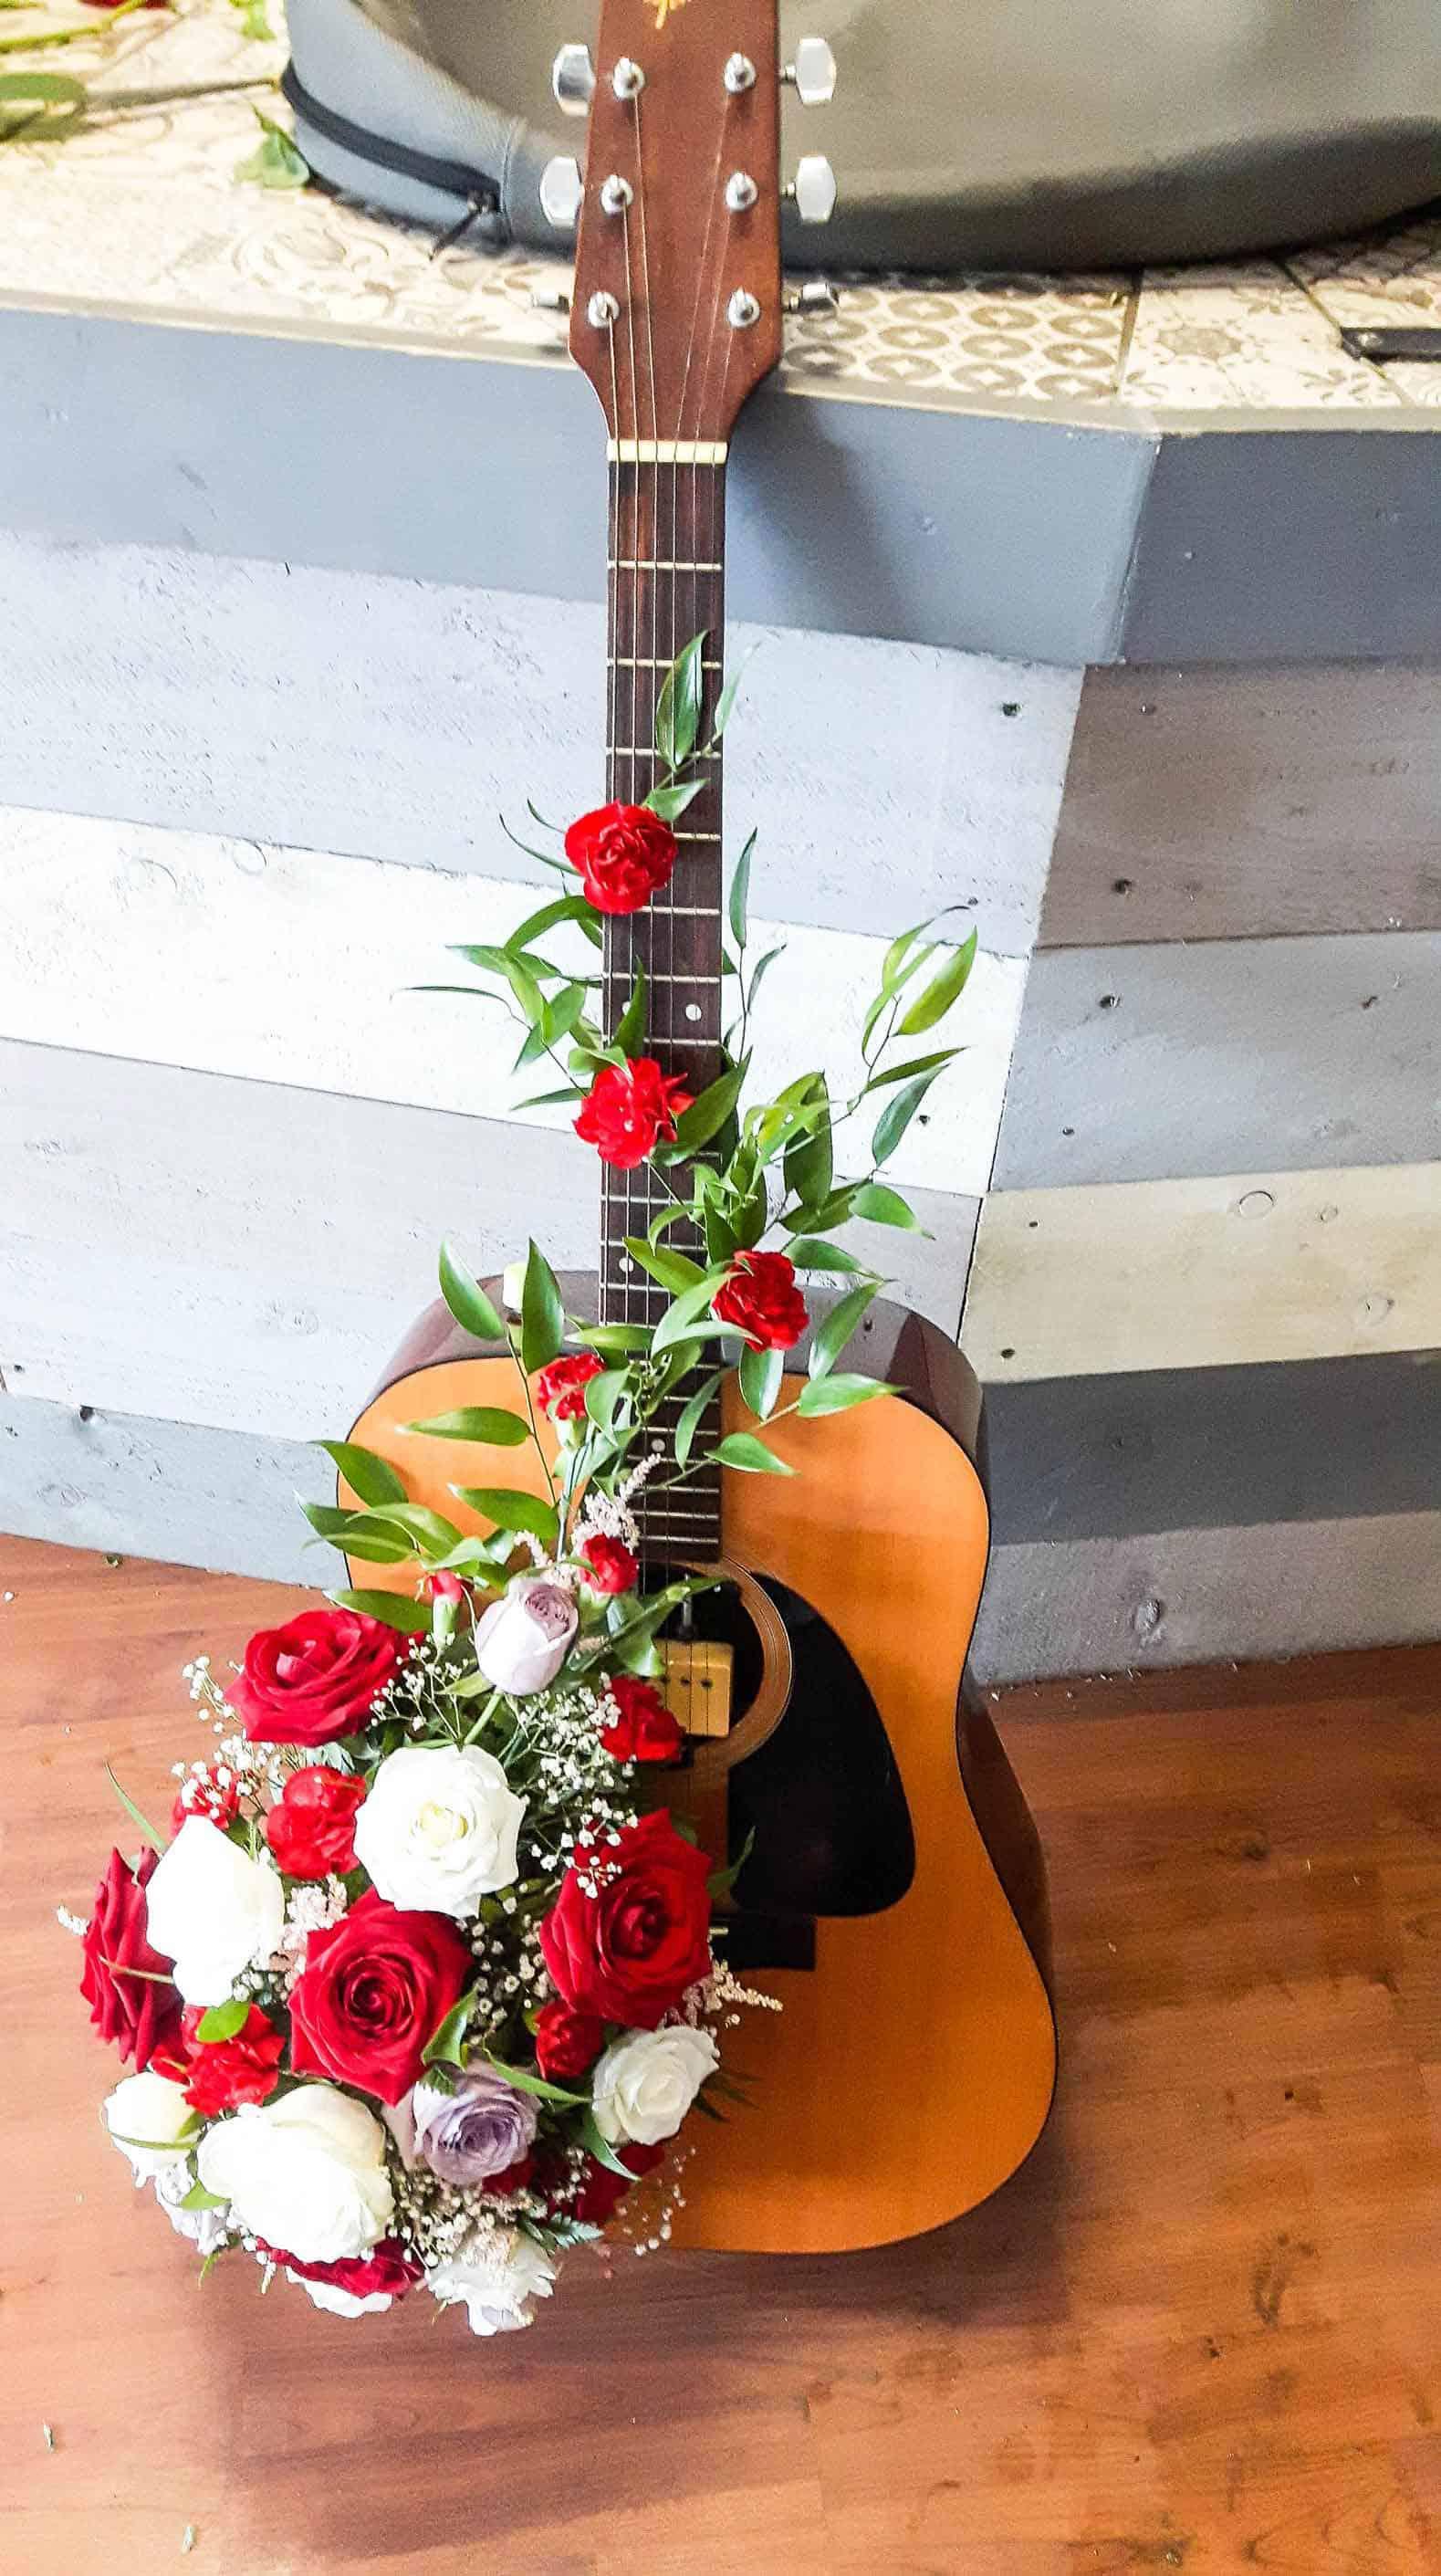 Rosebuds_flowers_Torquay_guitar